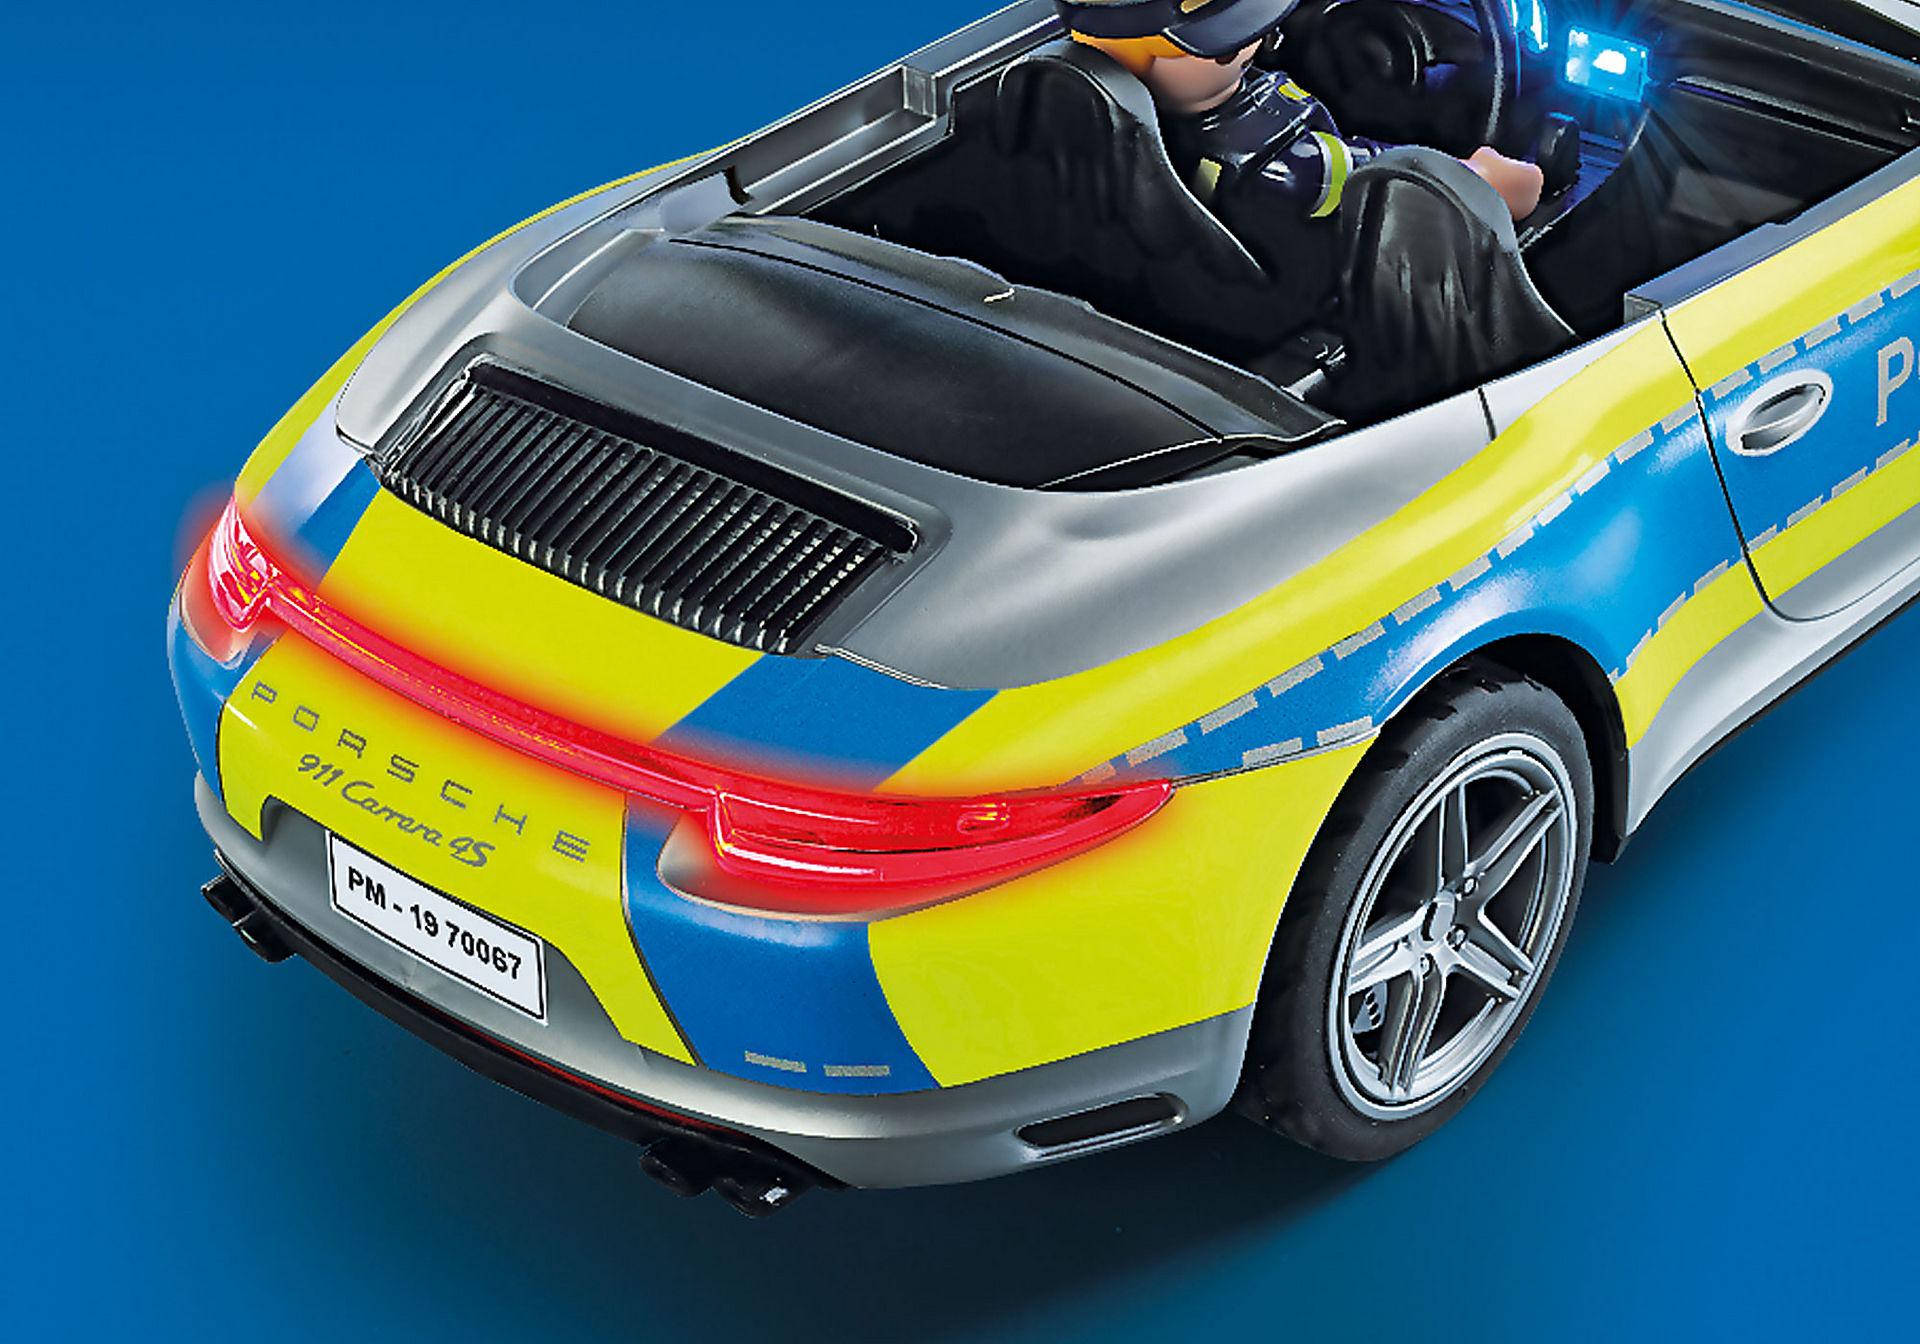 70067 Porsche 911 Carrera 4S Politi- Grå zoom image6